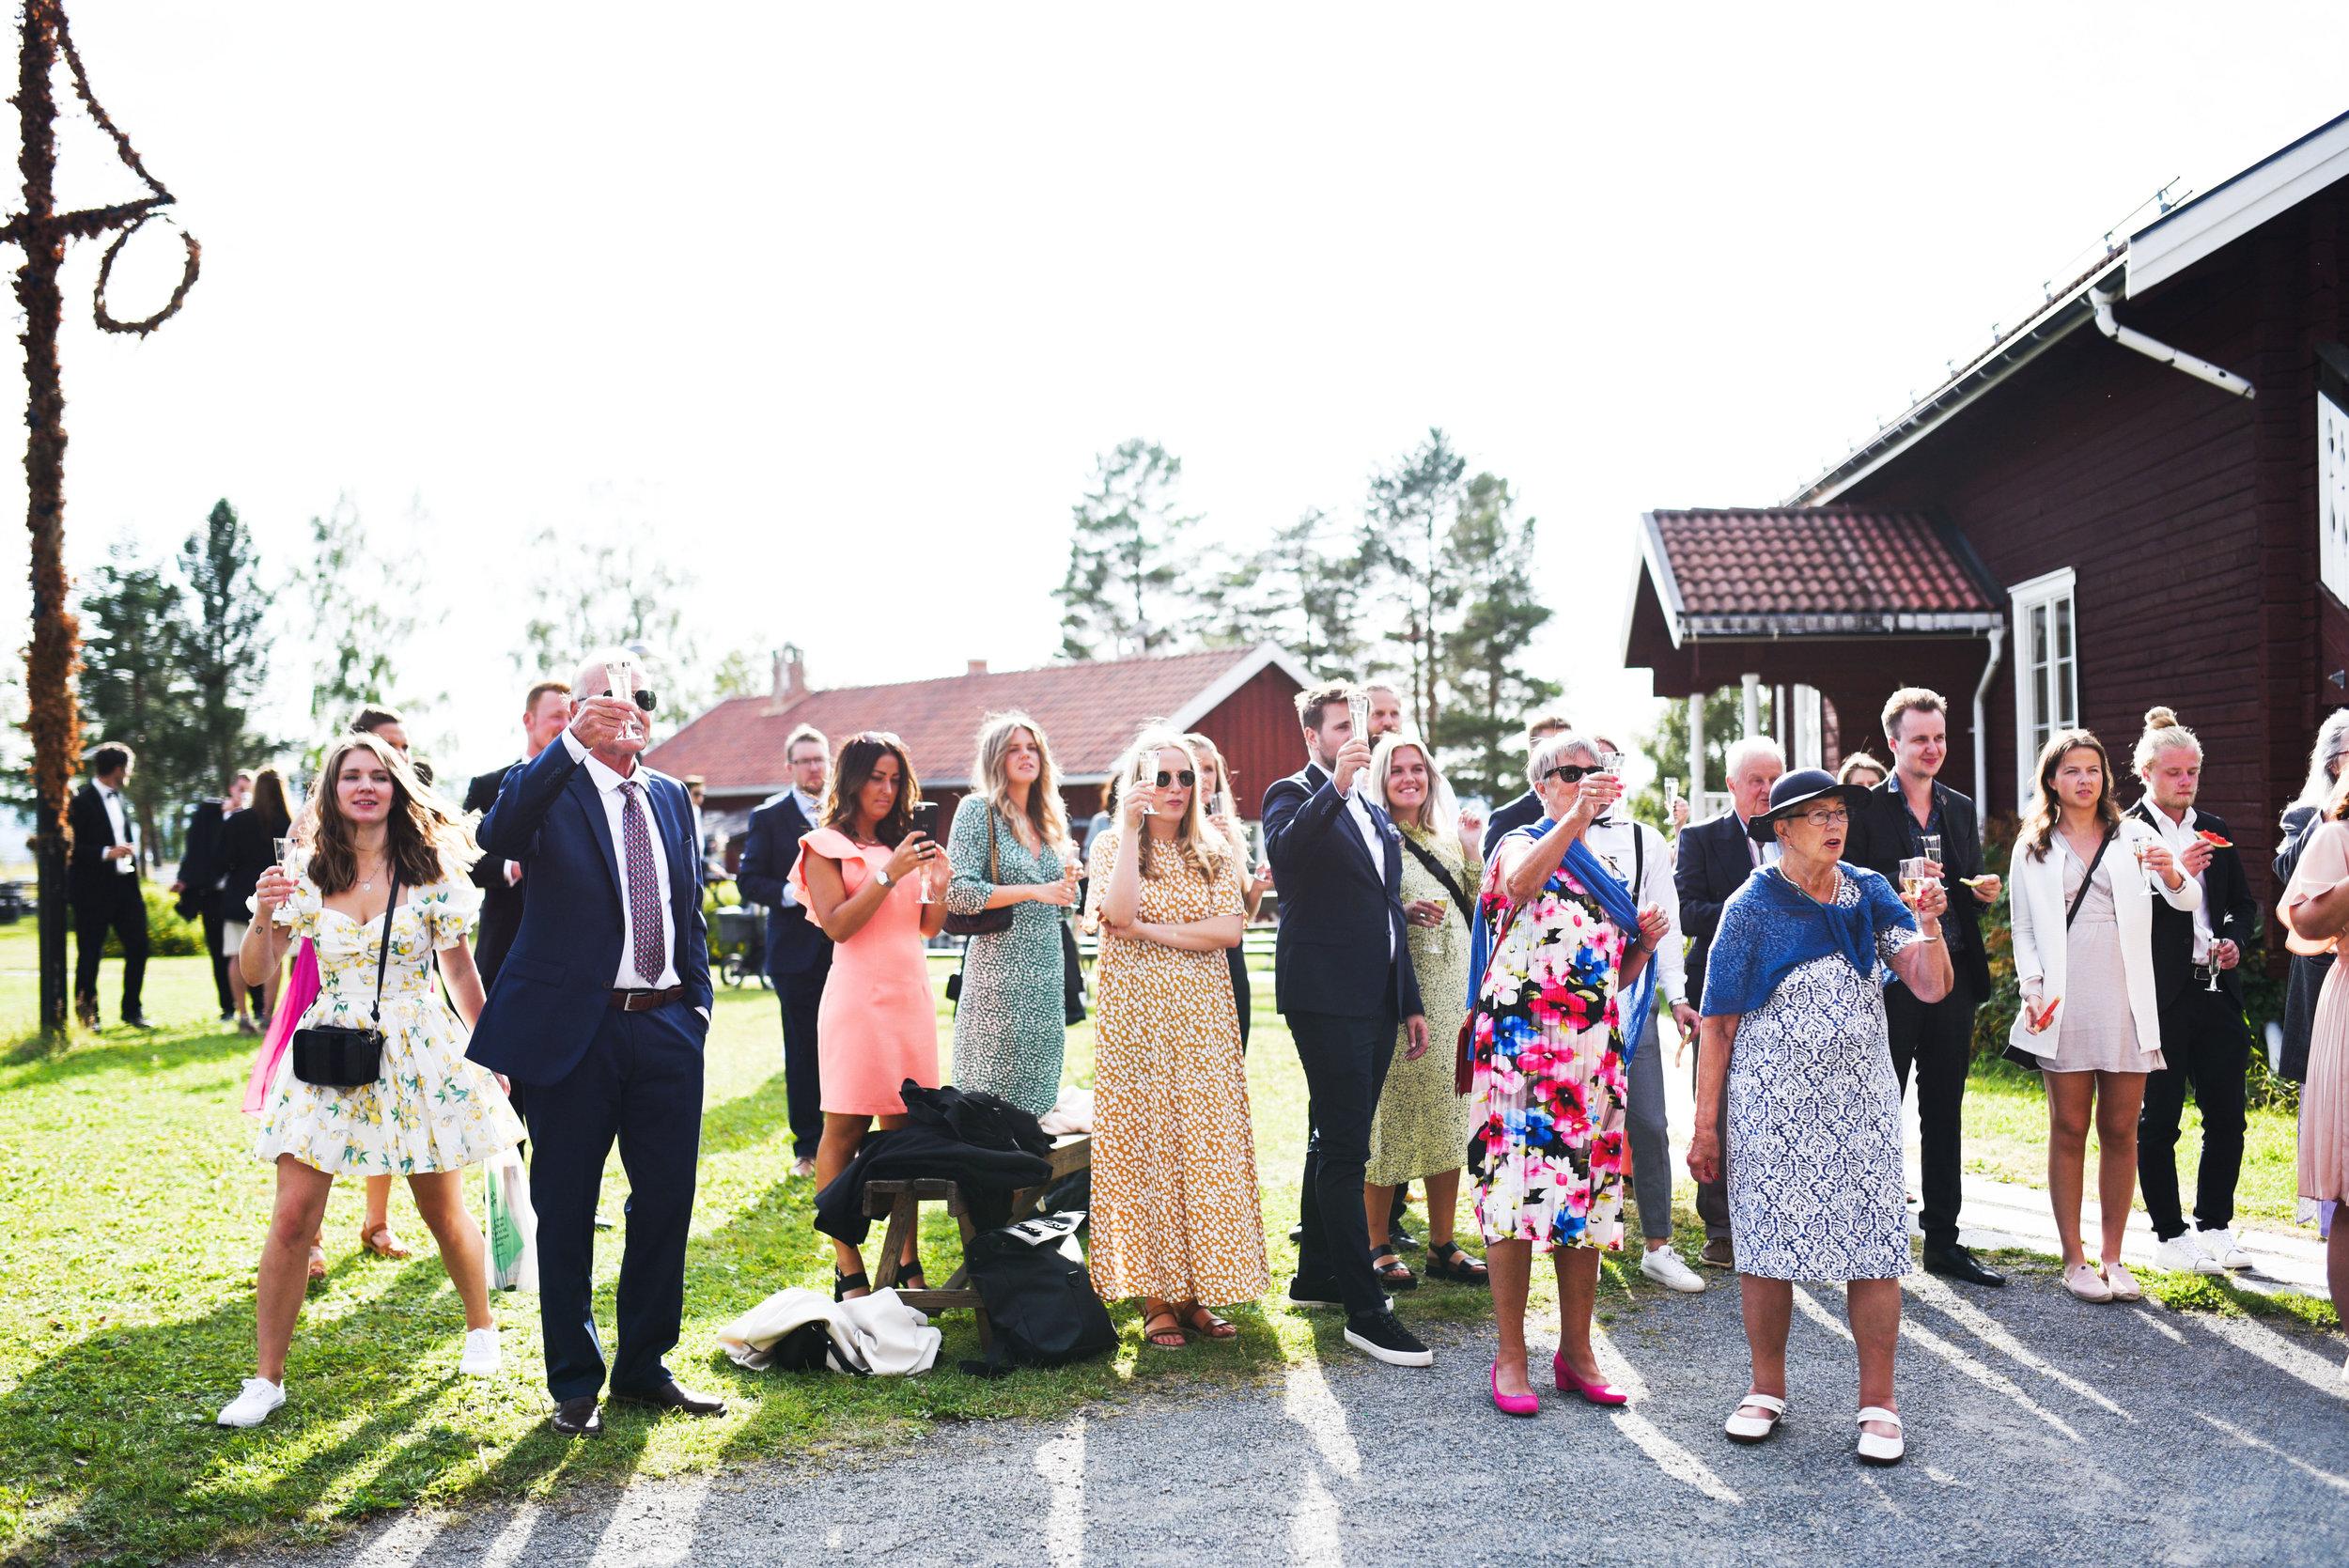 Bröllop2019lågkvall2-5896.jpg